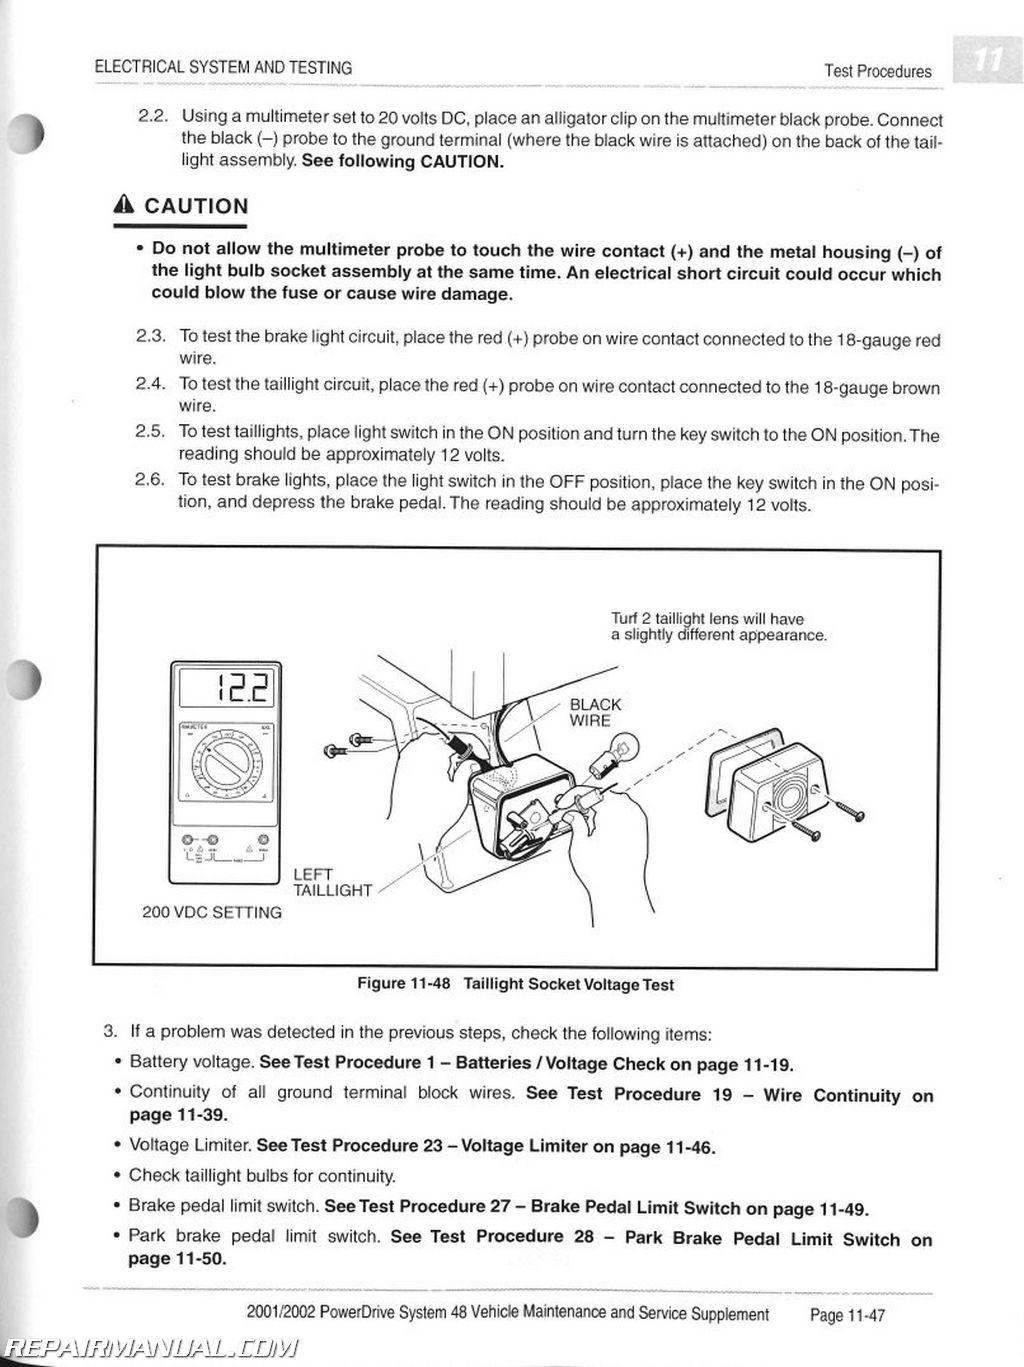 club car wiring diagram manual 2008 mitsubishi lancer 2001 2002 powerdrive system 48 maintenance and